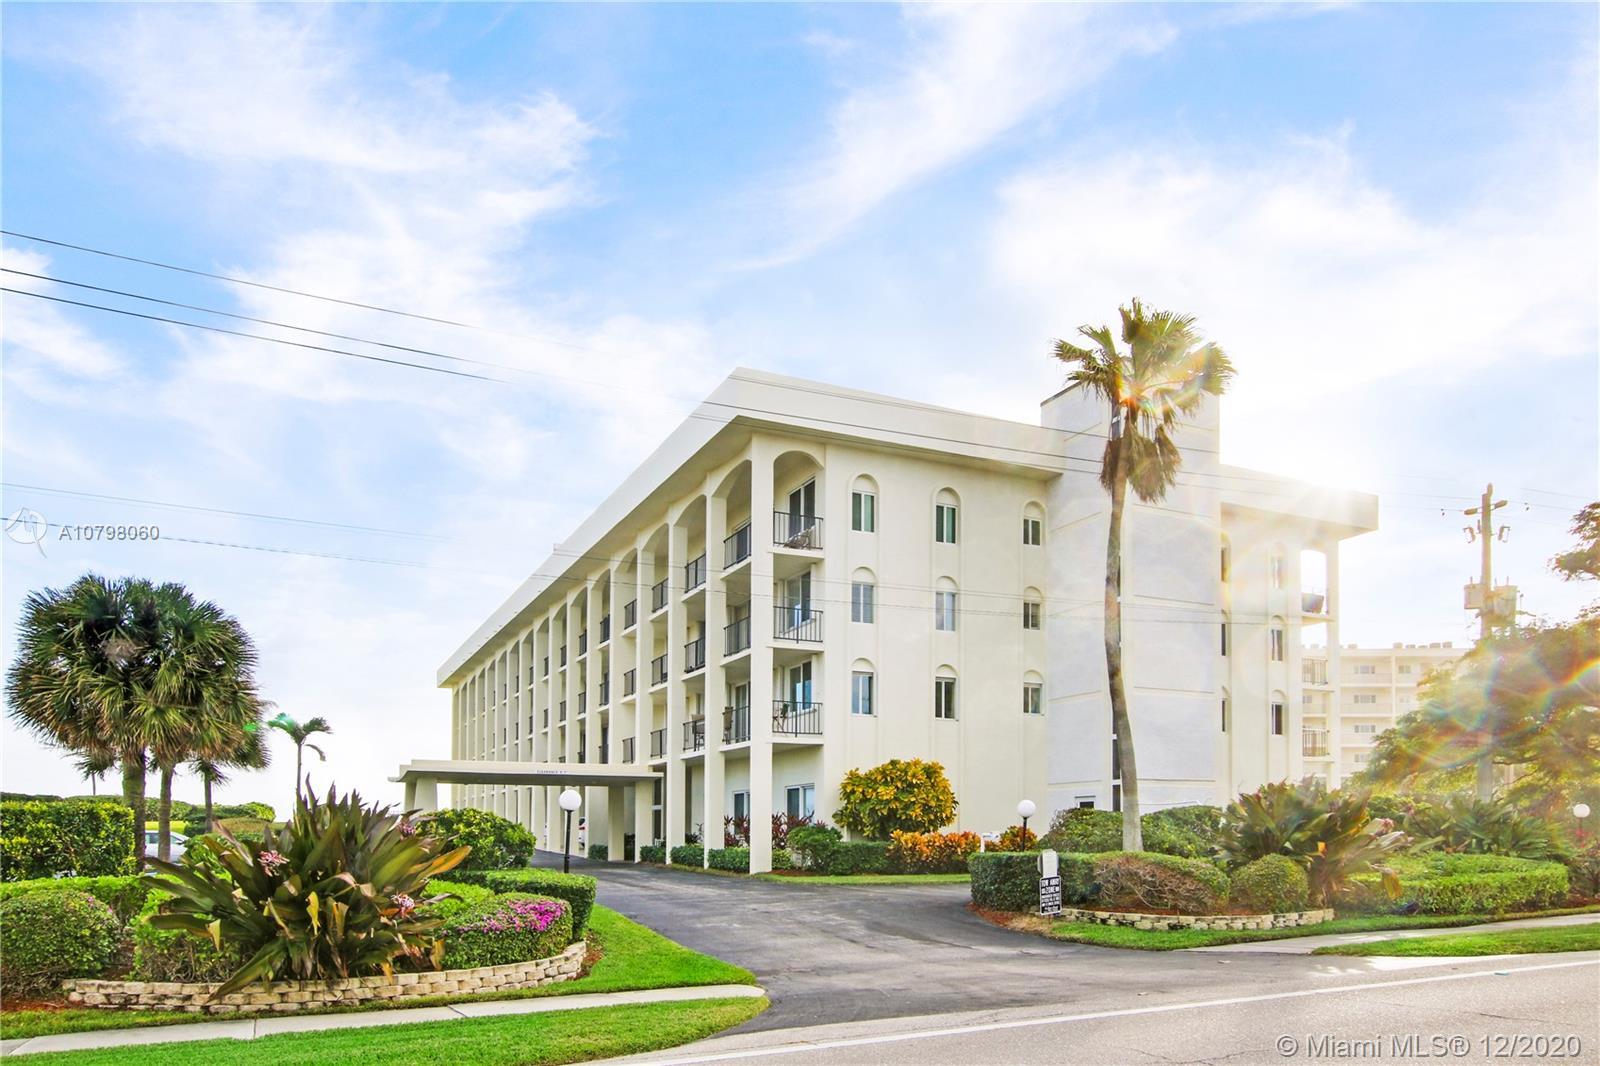 300 Beach Rd, 202 - Tequesta, Florida